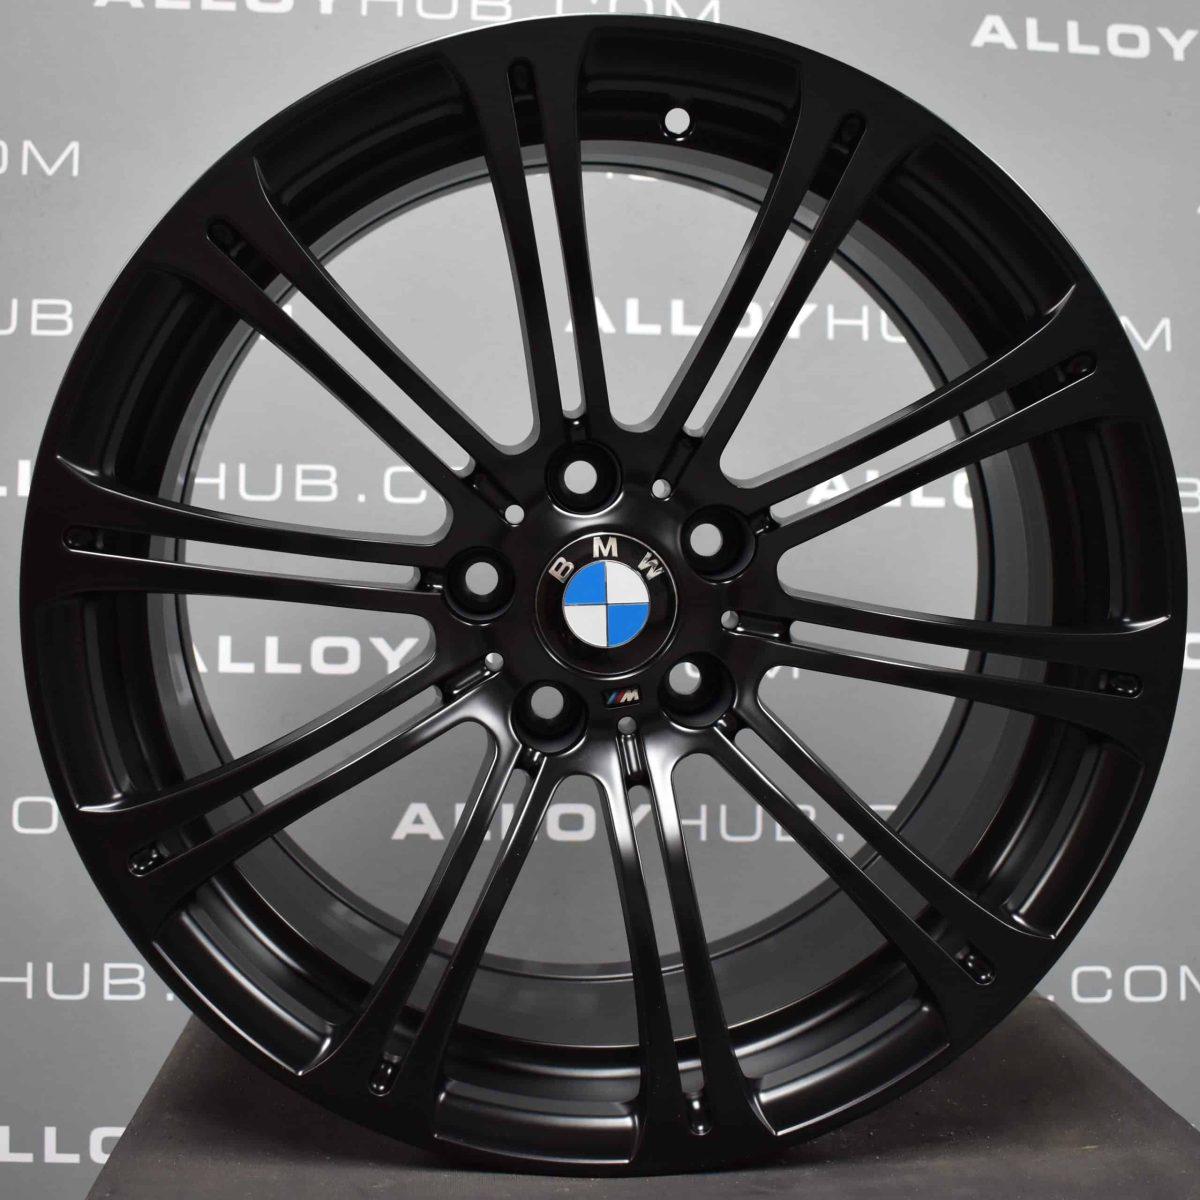 """Genuine BMW M3 E90 E91 E92 220M Sport 19"""" Inch 10 Double Spoke Alloy Wheels with Satin Black Finish 36112283555 36112283556"""